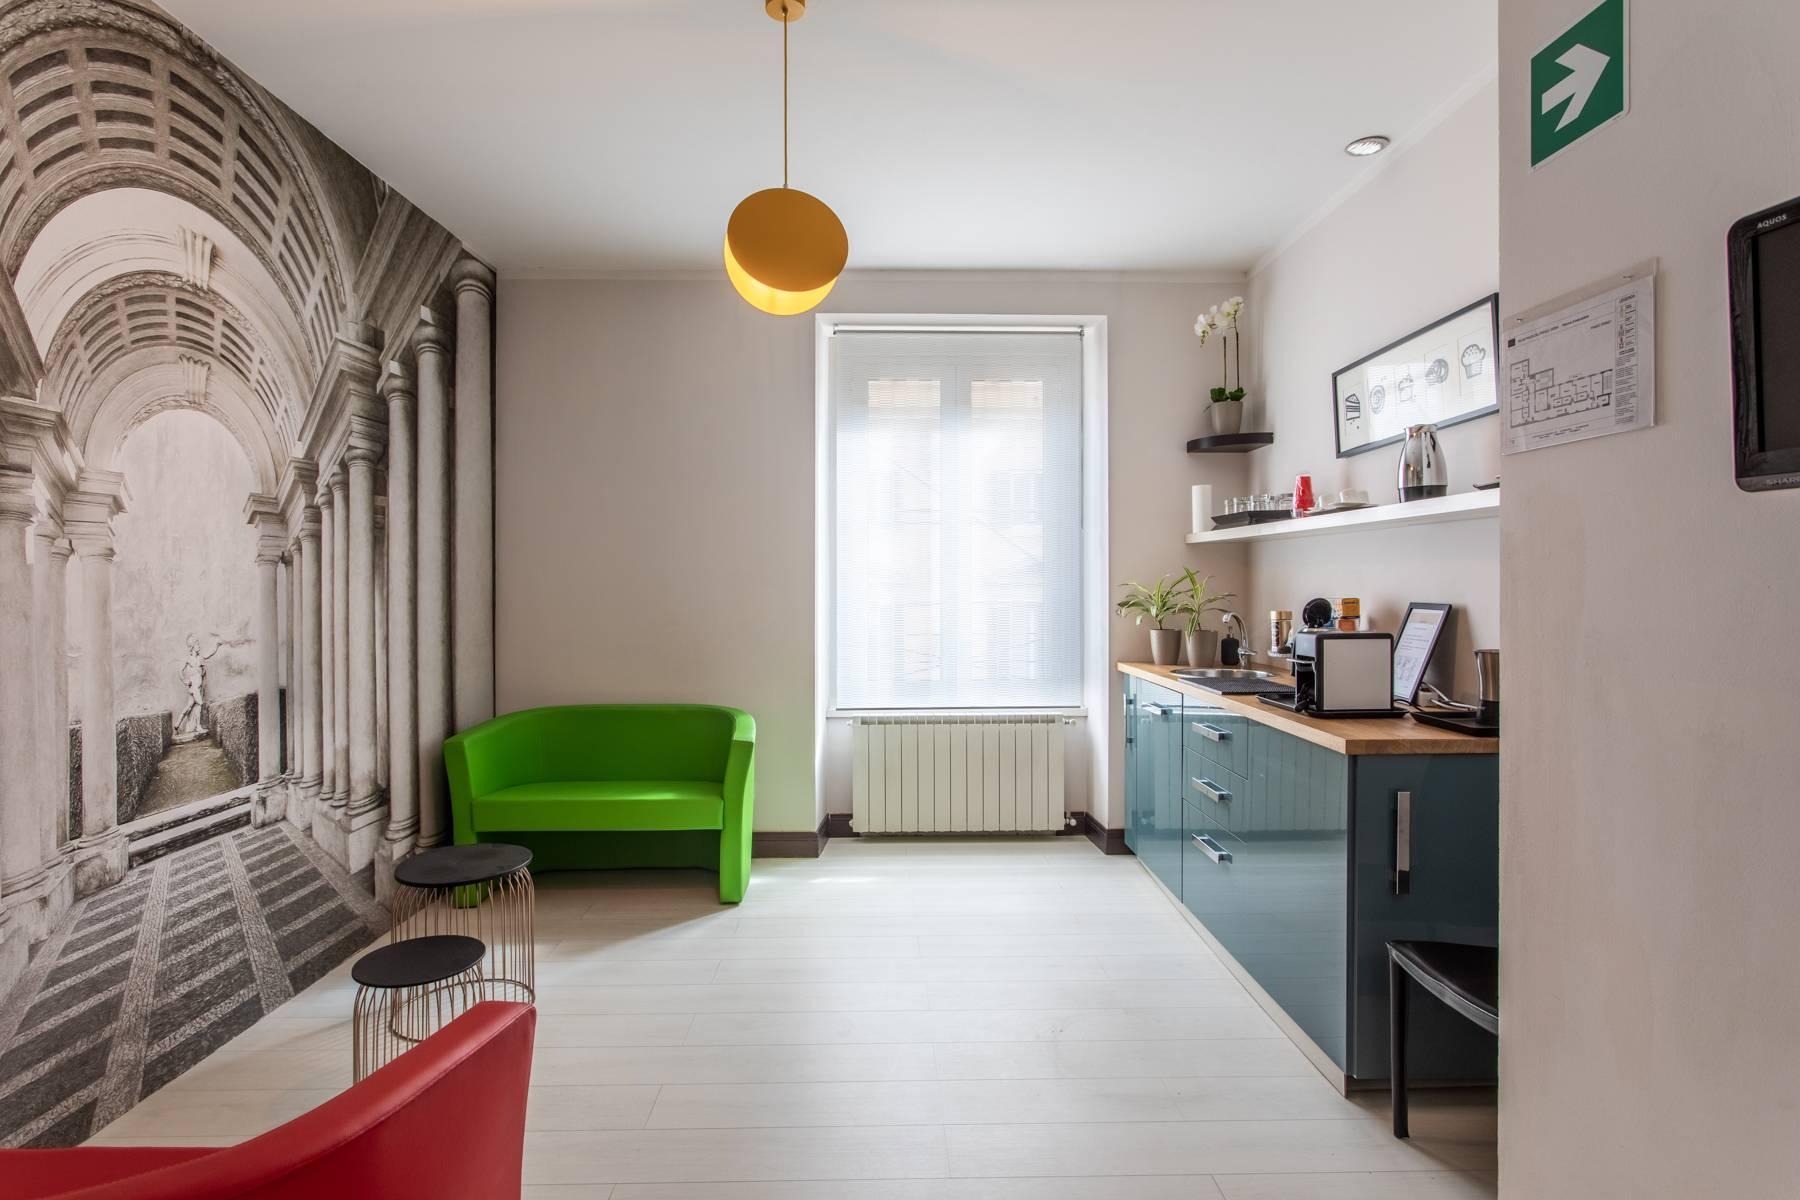 Appartamento dal design moderno a pochi passi da piazza del Popolo - 1